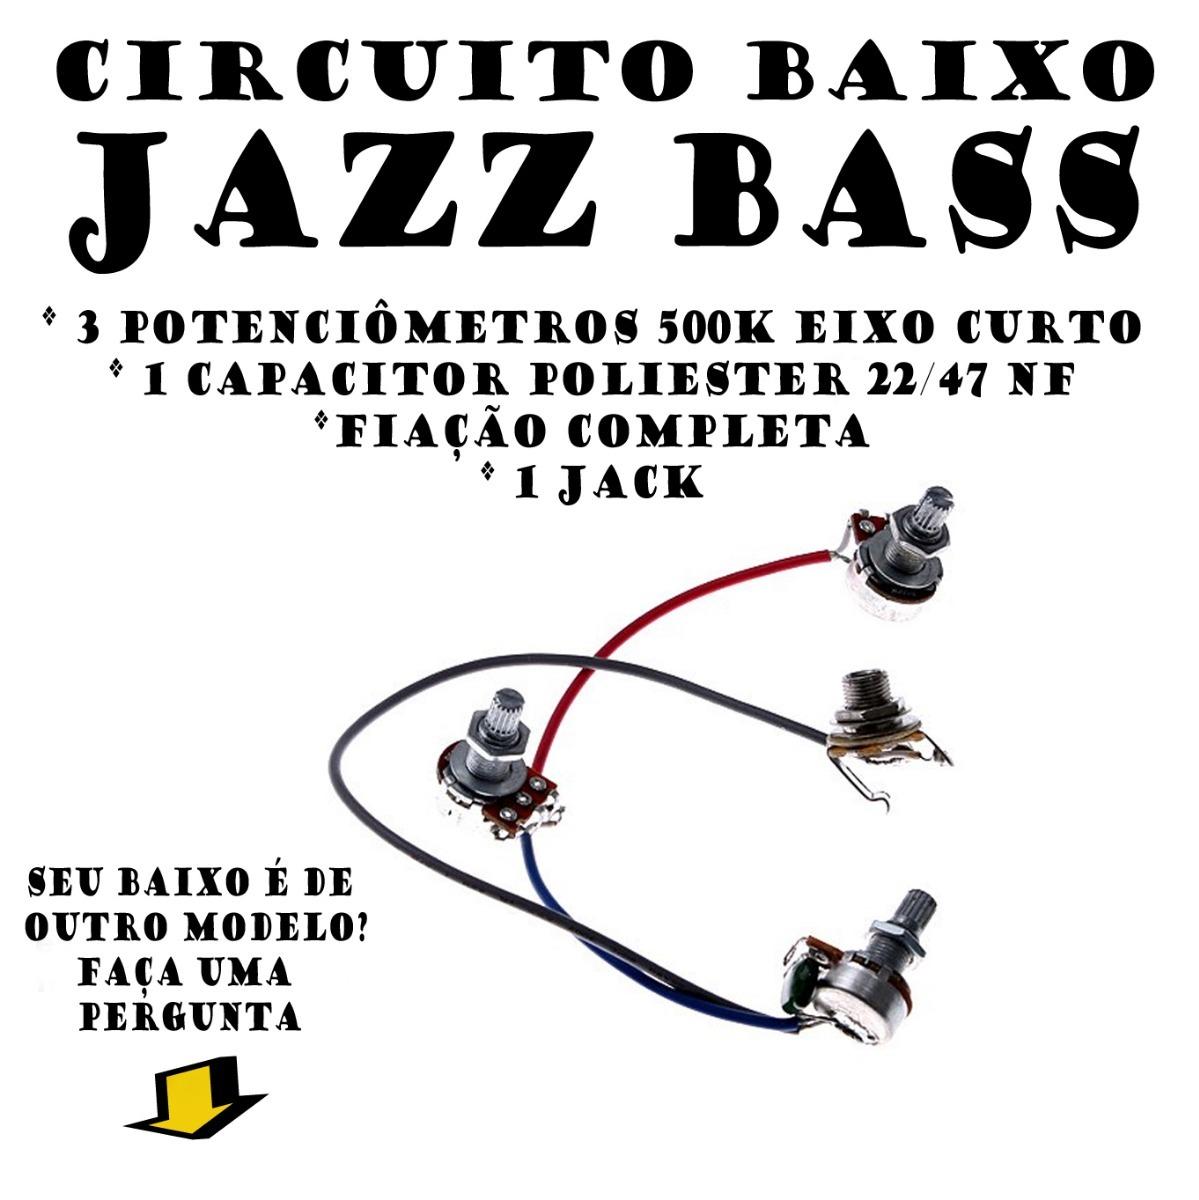 Circuito Jazz Bass : Circuito elétrico jazz bass passivo potenciômetros k r